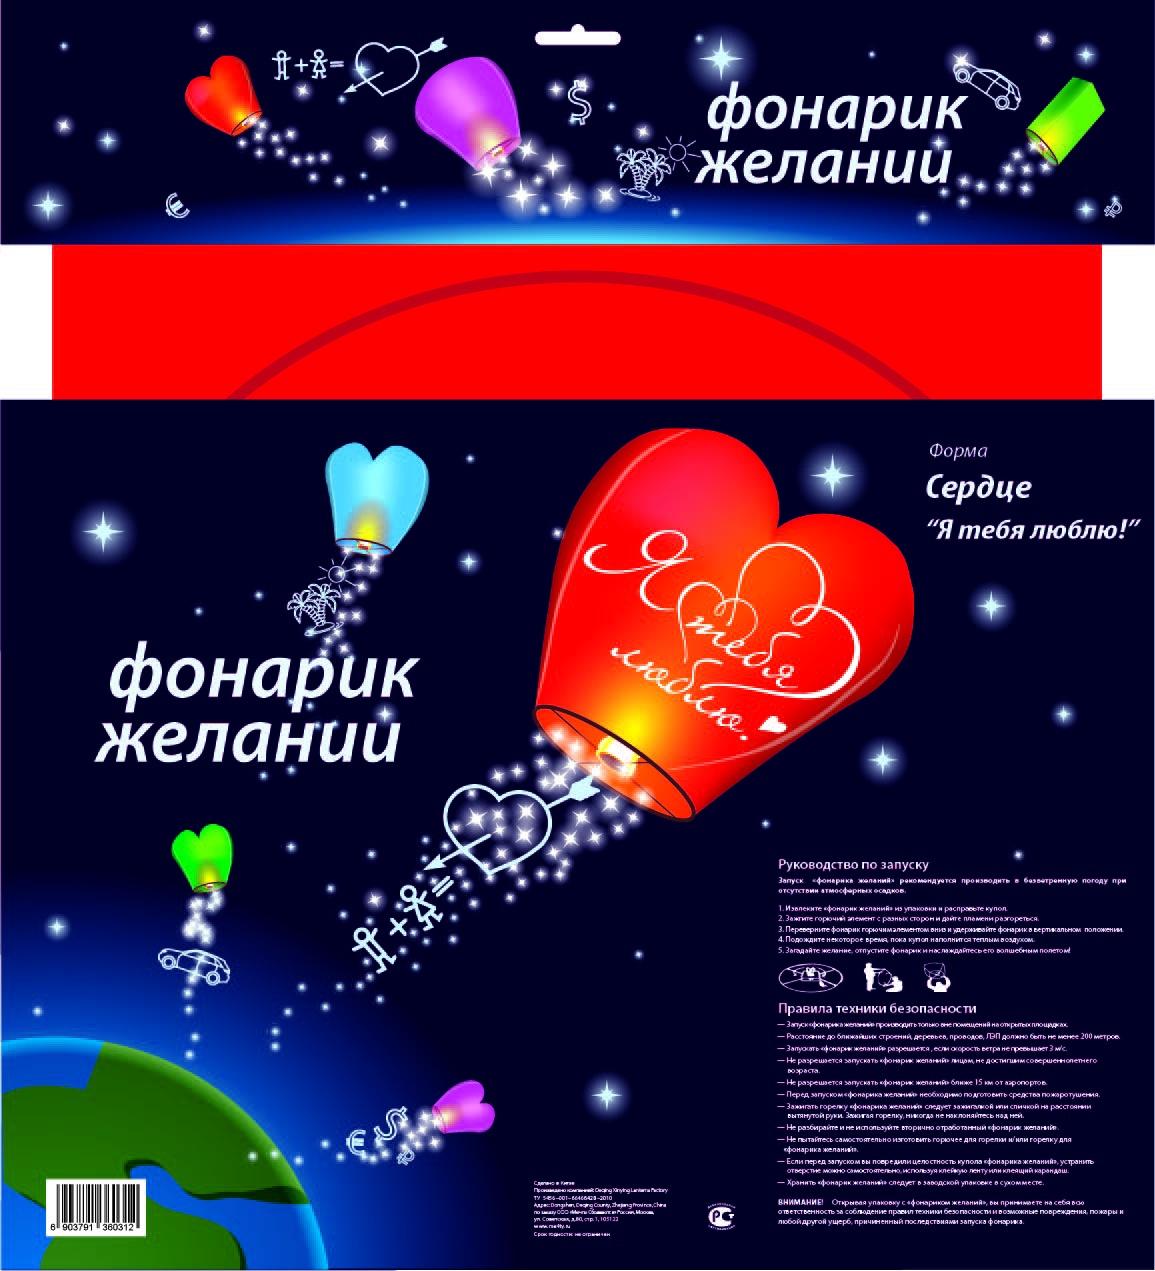 Бумажный фонарик сердце Я тебя люблю, красный небесный фонарик желаний nebofon сердце 2d pink